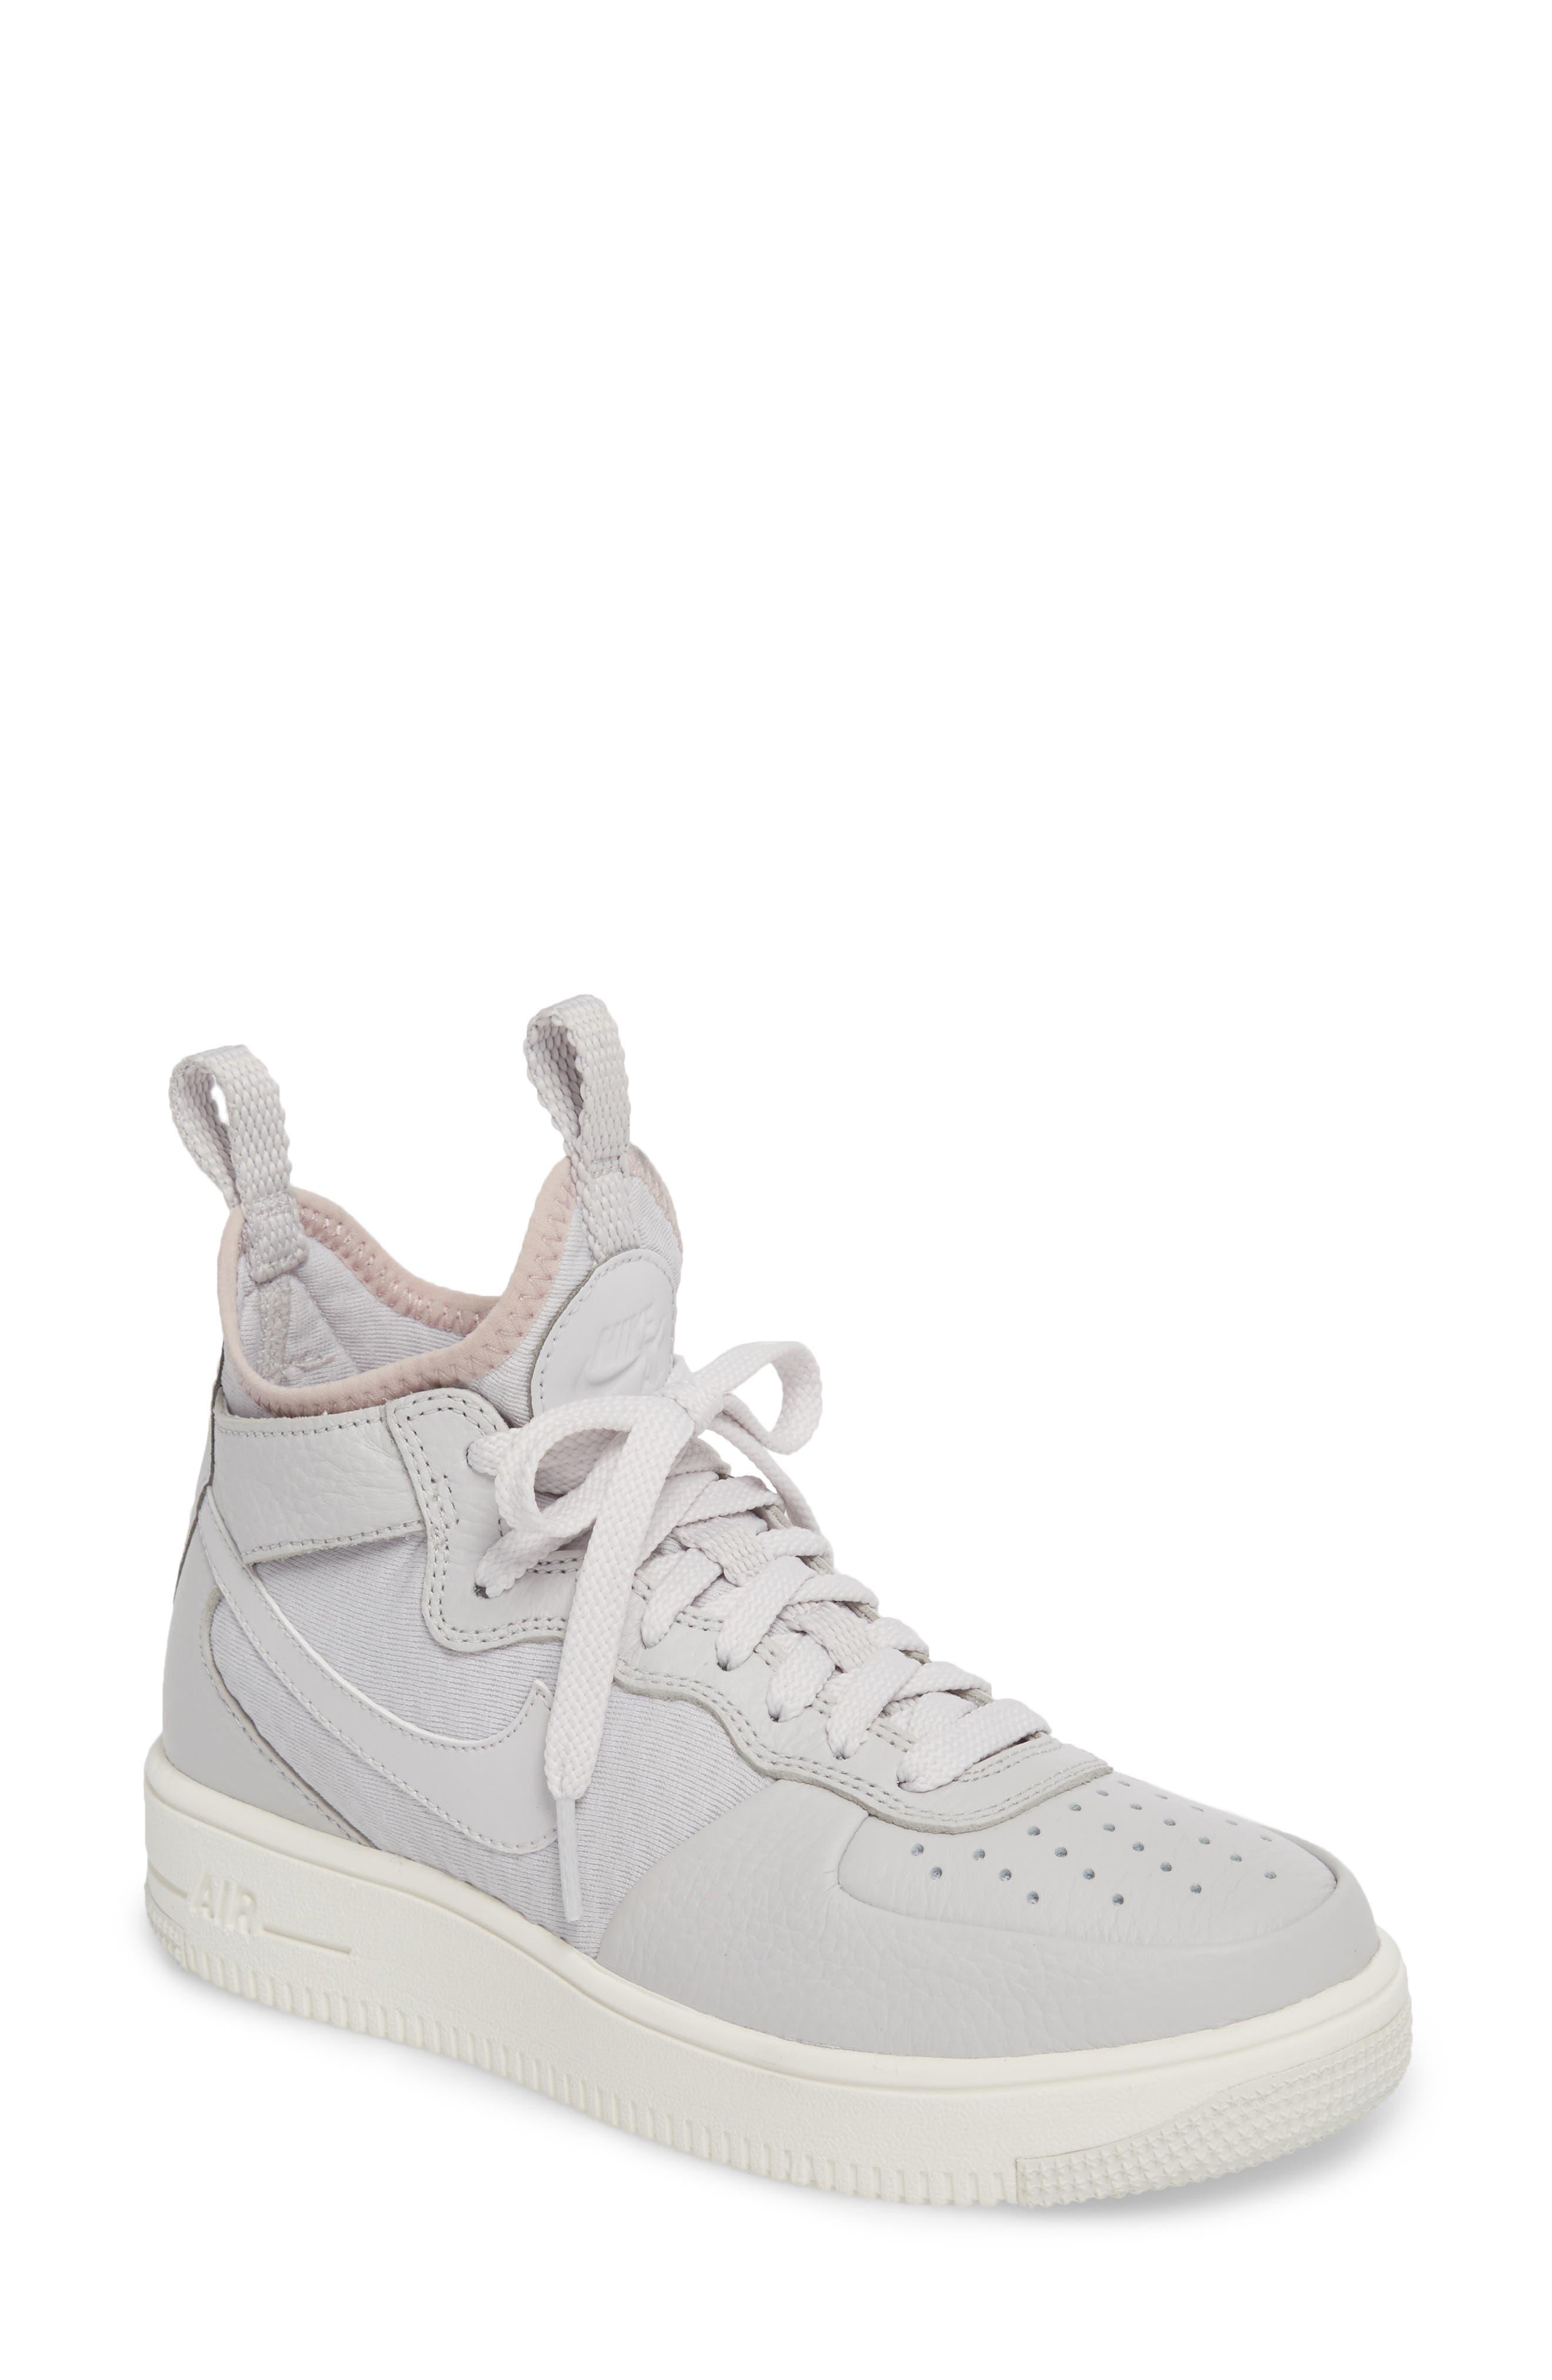 Nike Air Force 1 Ultraforce Mid Sneaker (Women)